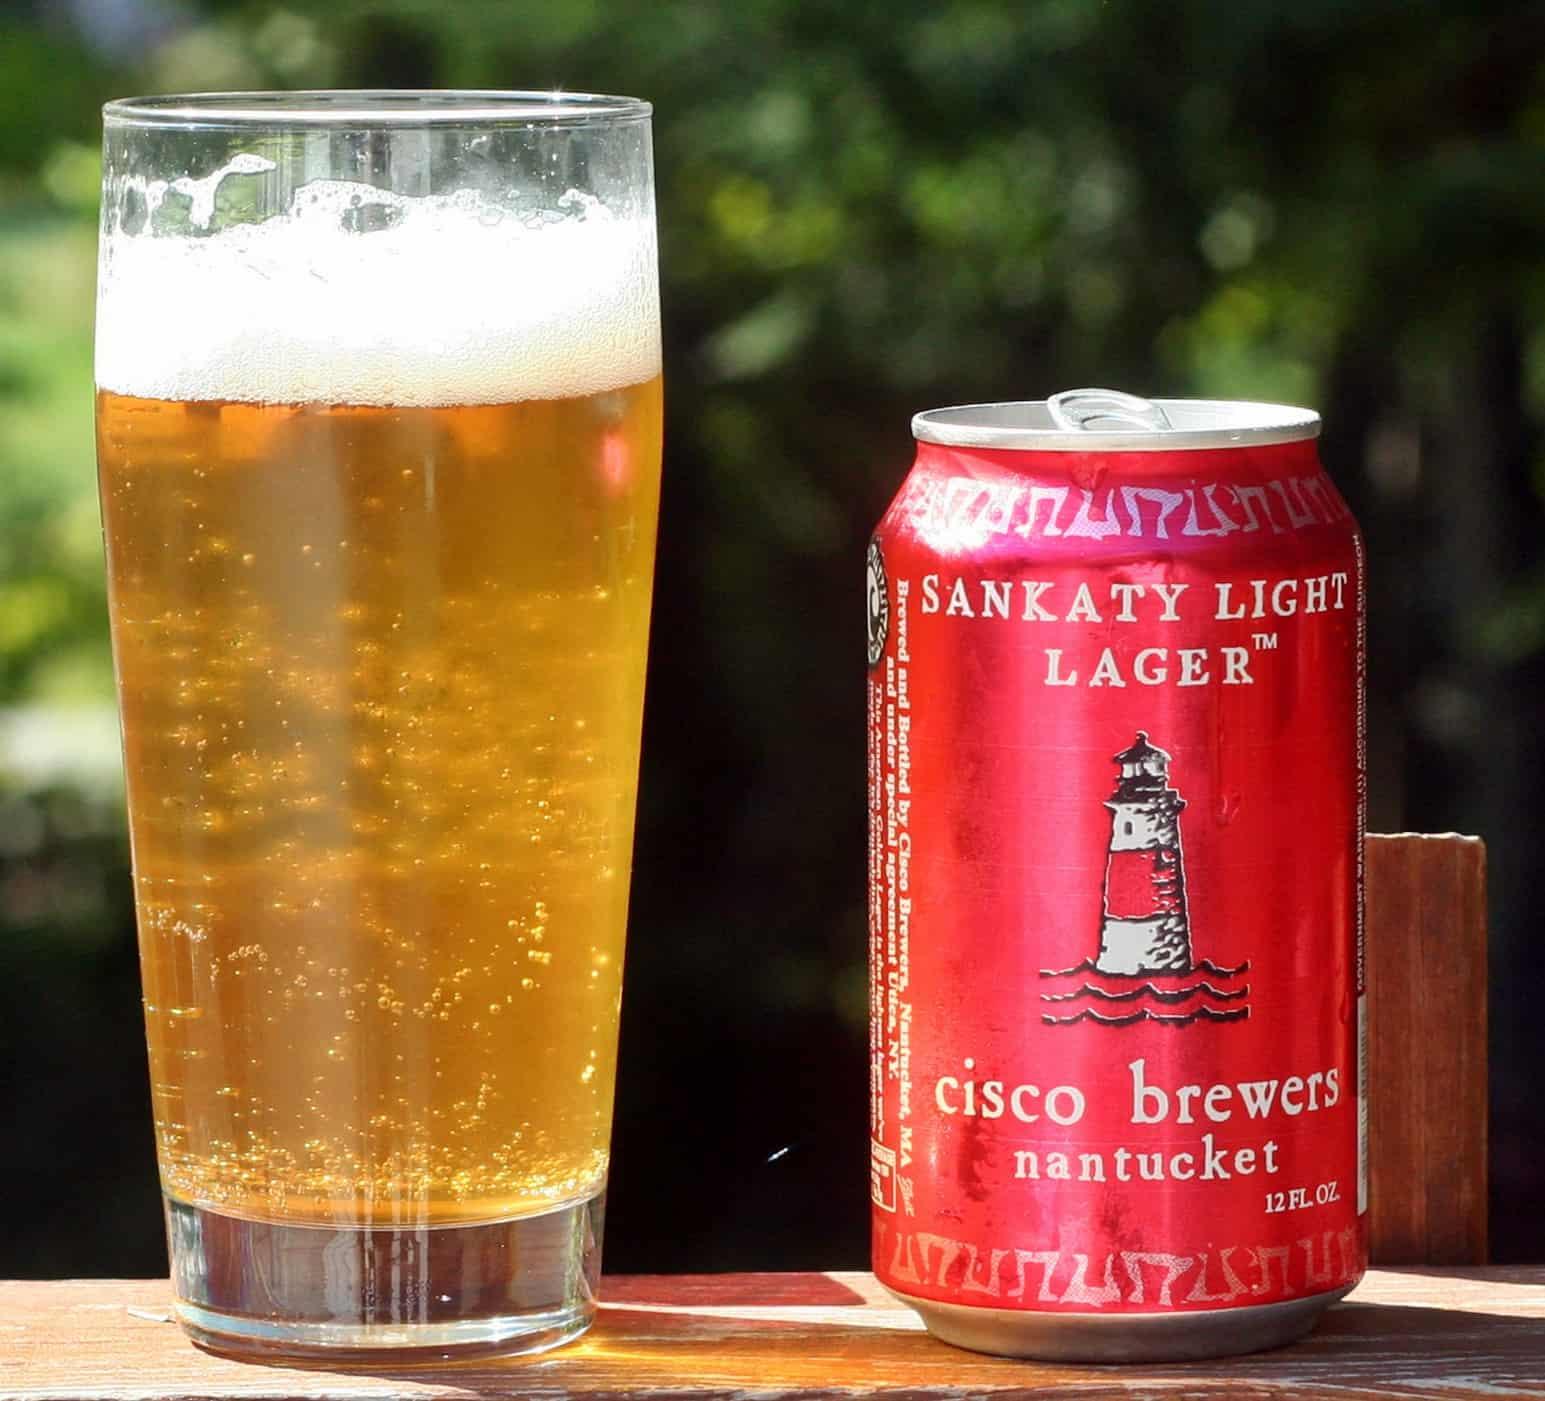 Sankaty Light Beer